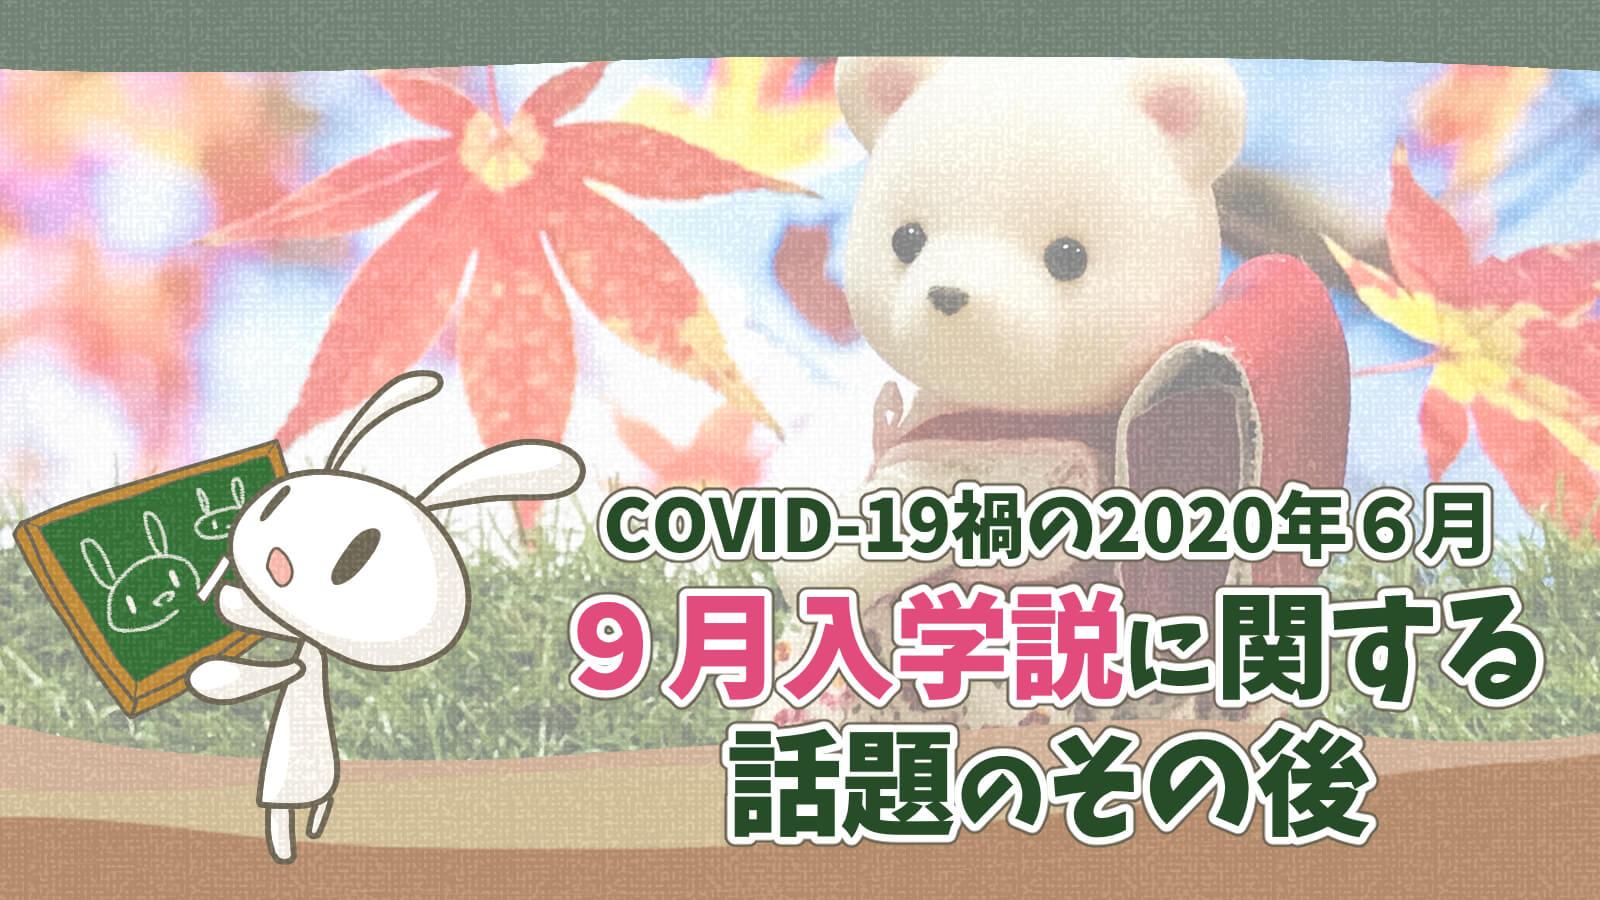 コロナ禍COVID-19禍9月入学説に関する教育ニュースまとめ